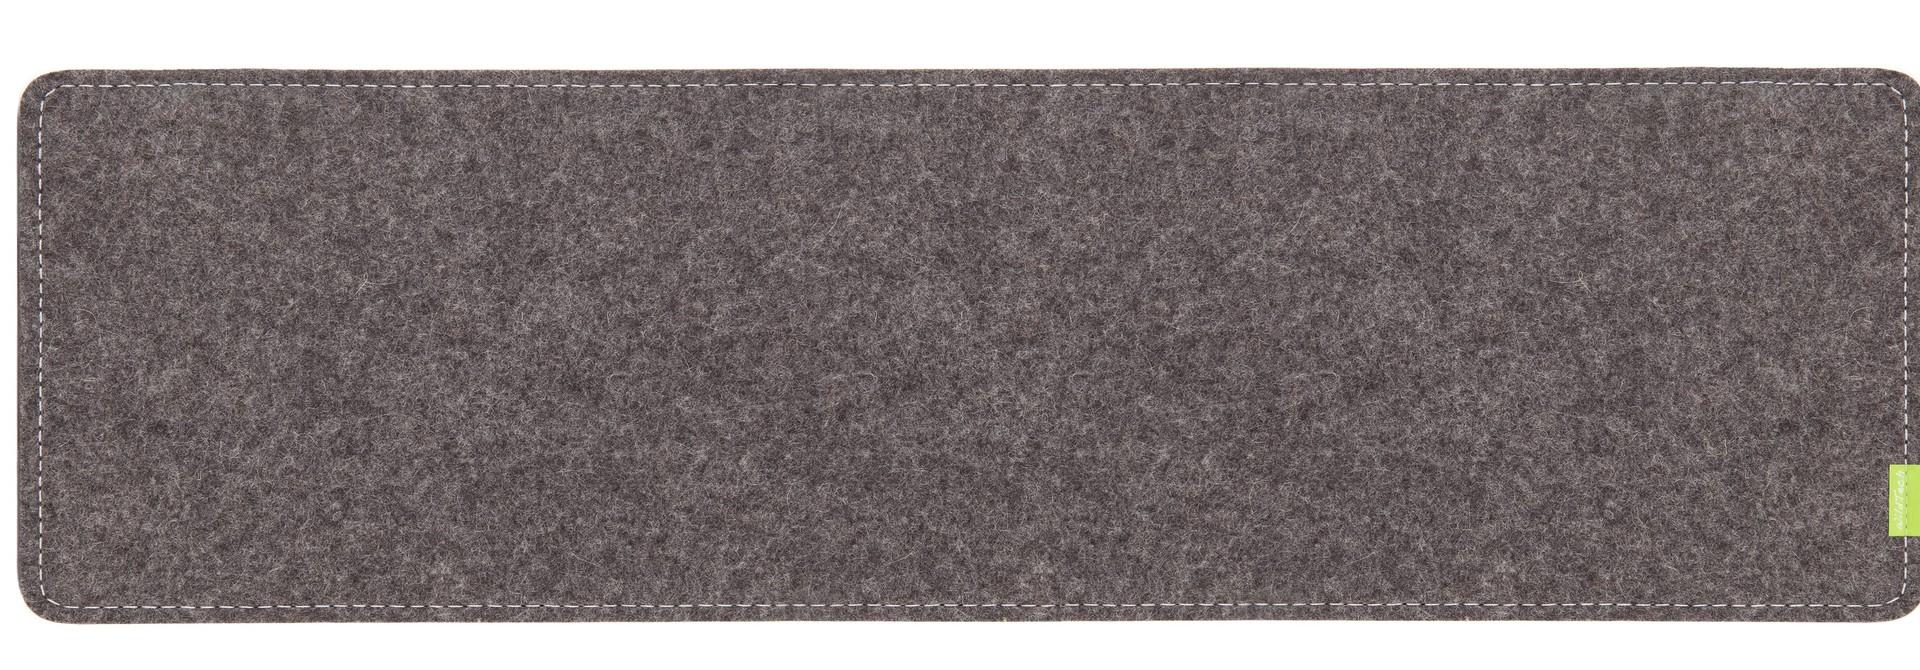 Schreibtischunterlage Grau